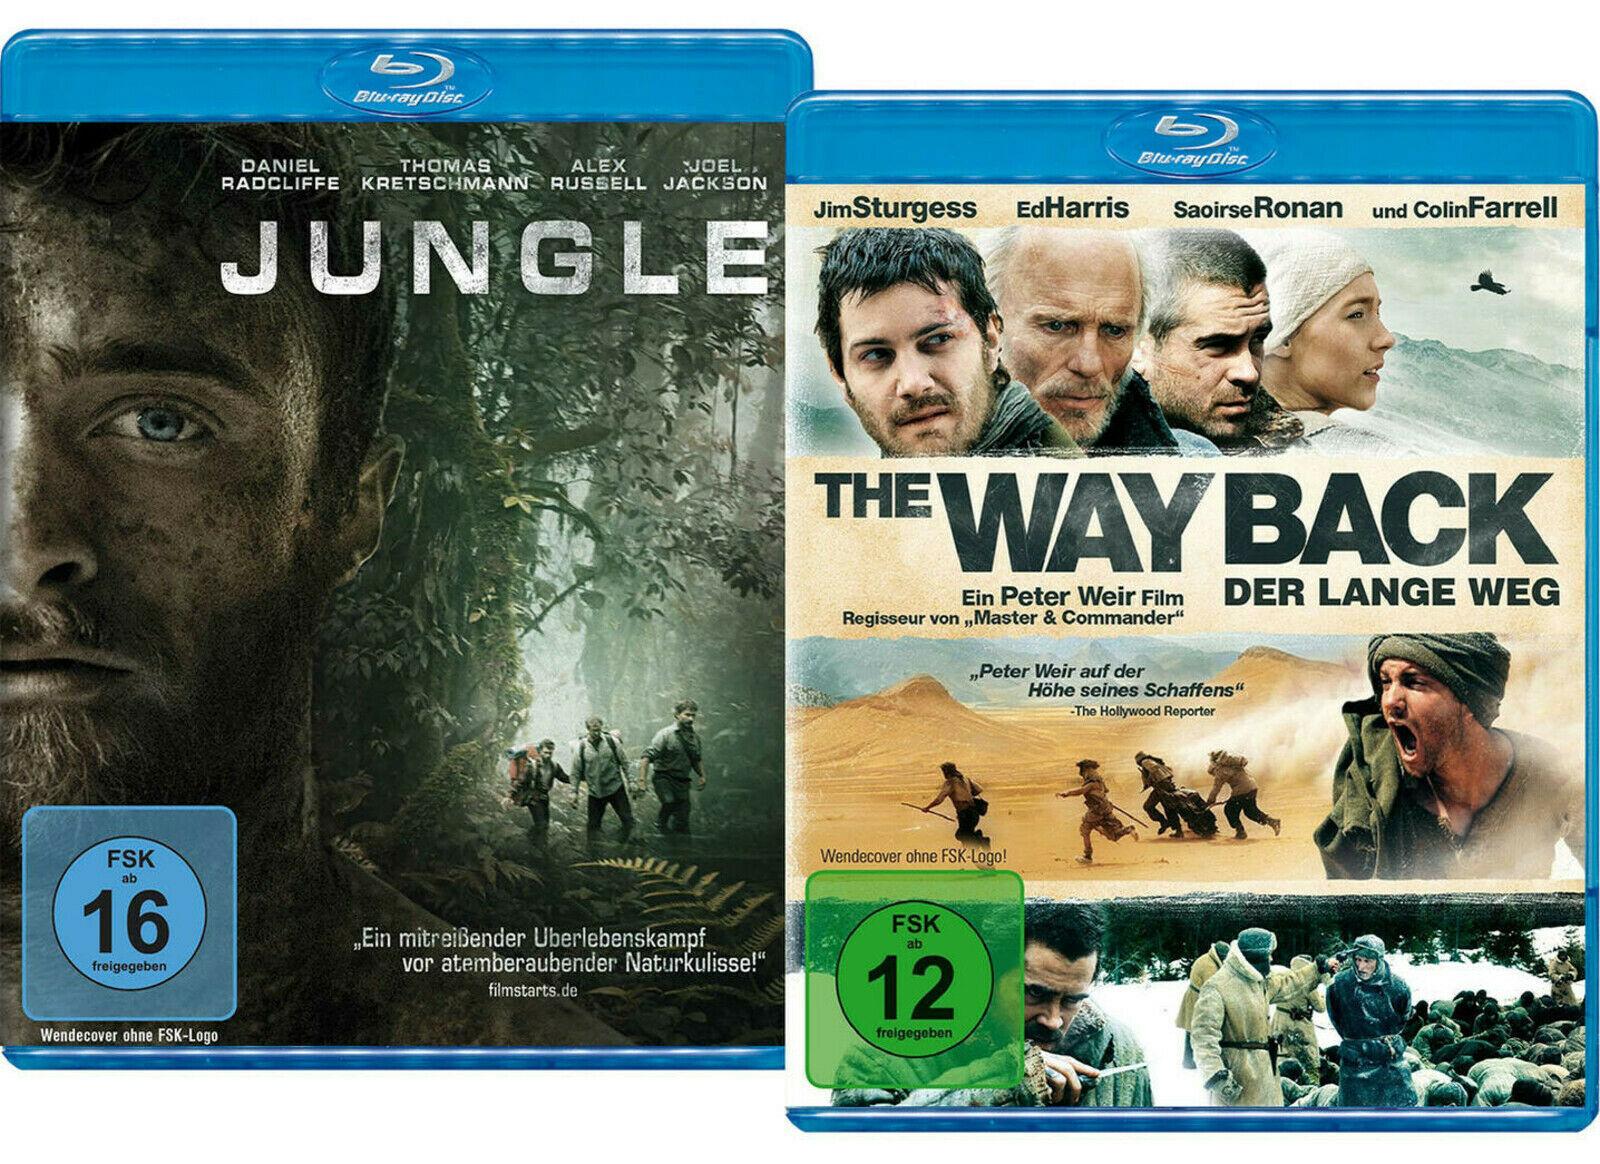 Jungle + The Way Back - Der lange Weg (Double Feature Blu-ray) für 6,90€ versandkostenfrei (Saturn)